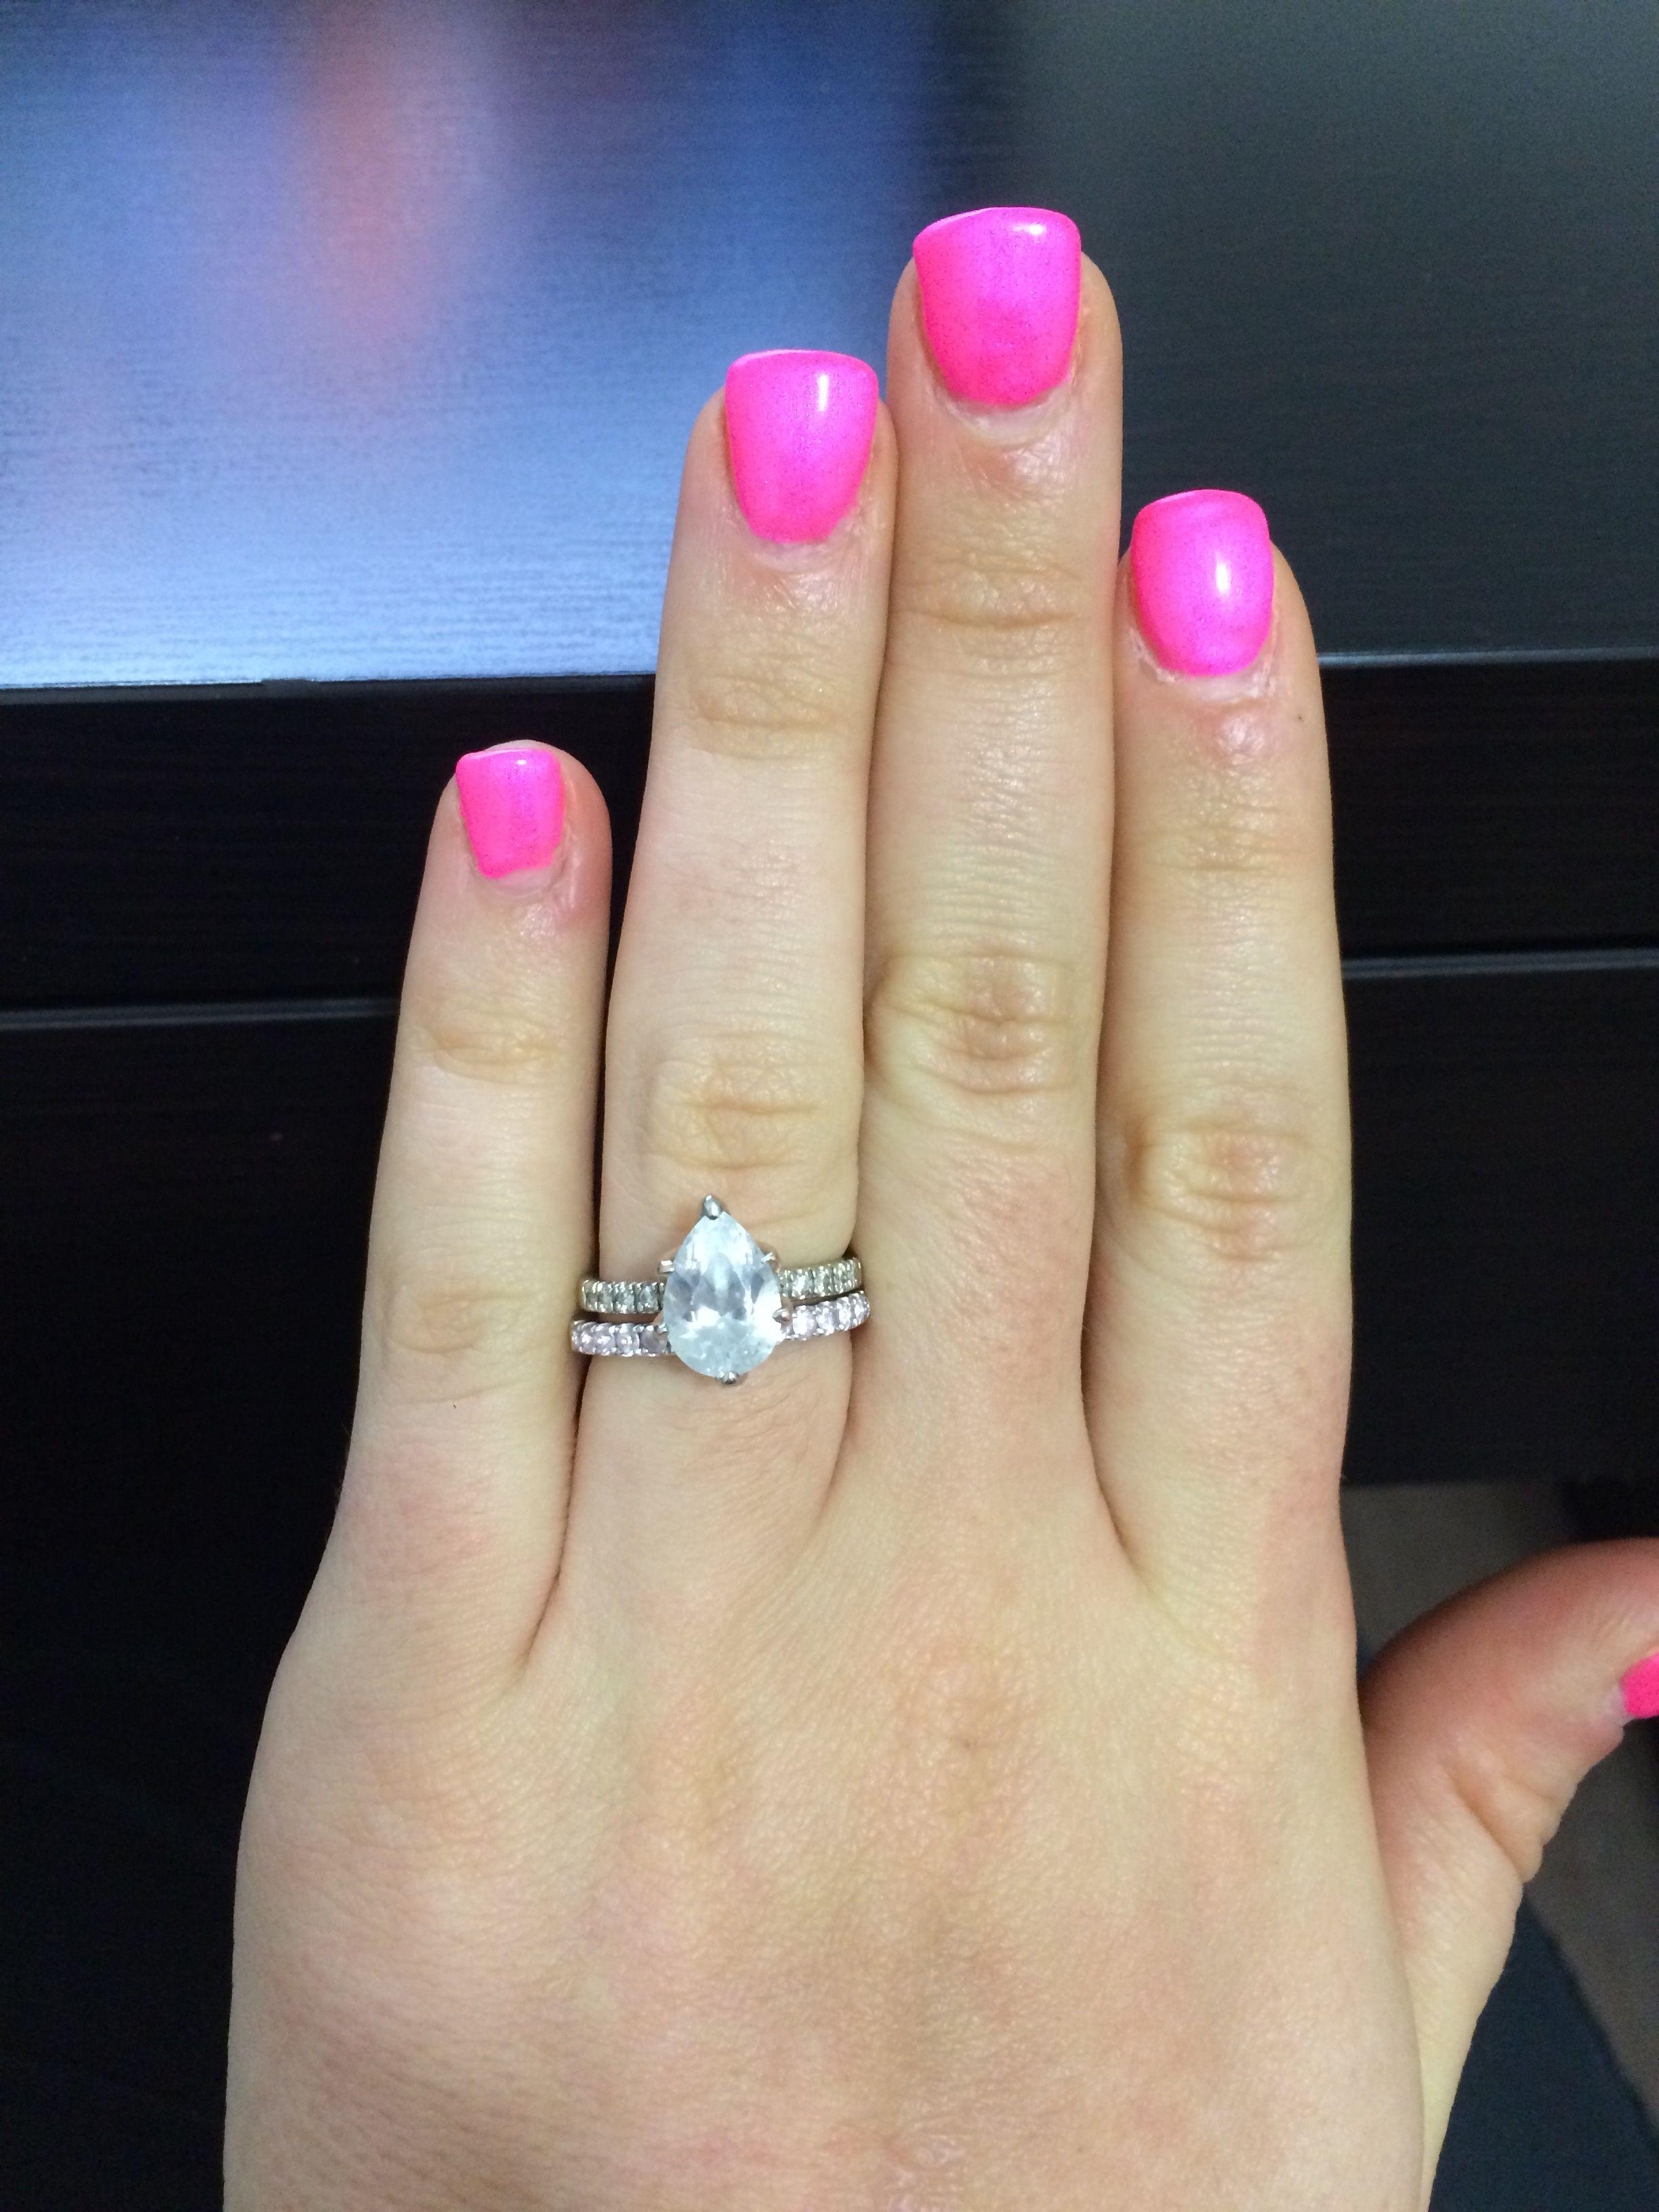 MEAN GIRL | Neon pink nails, Pink acrylic nails, Pink nails